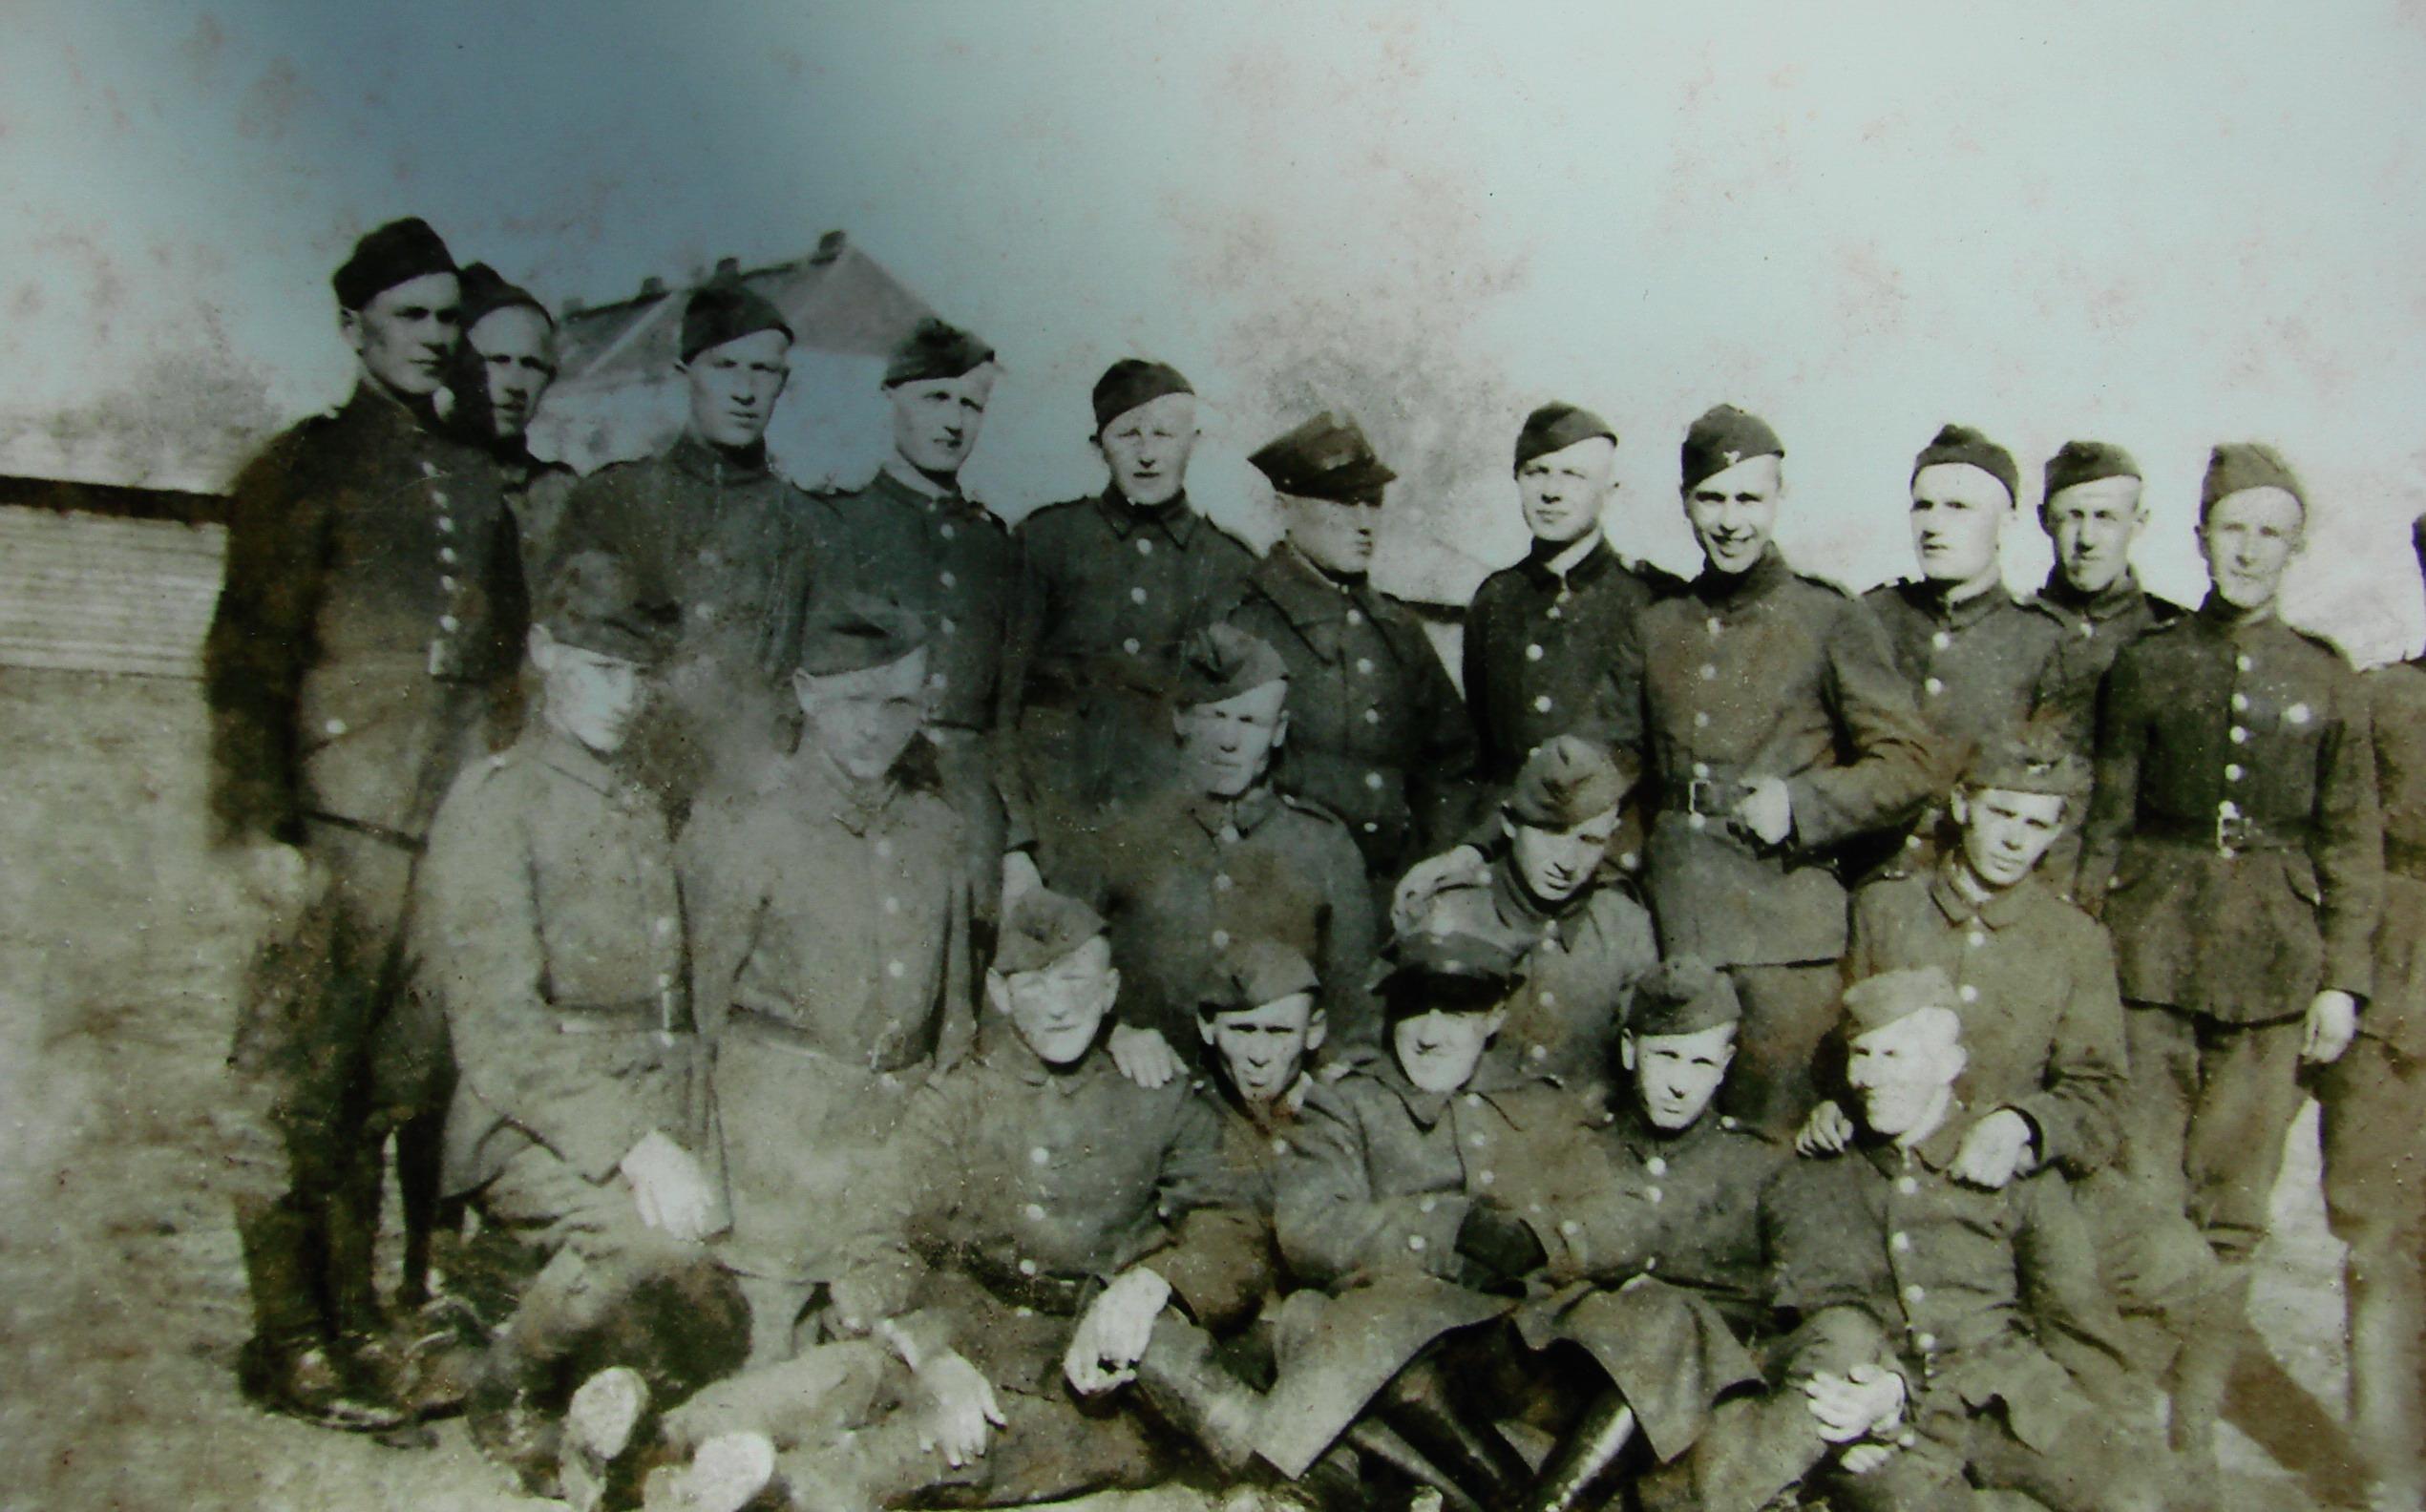 Wrzesień 1939 r. we wspomnieniach żołnierza 7 pp Leg. Józefa Stępnia